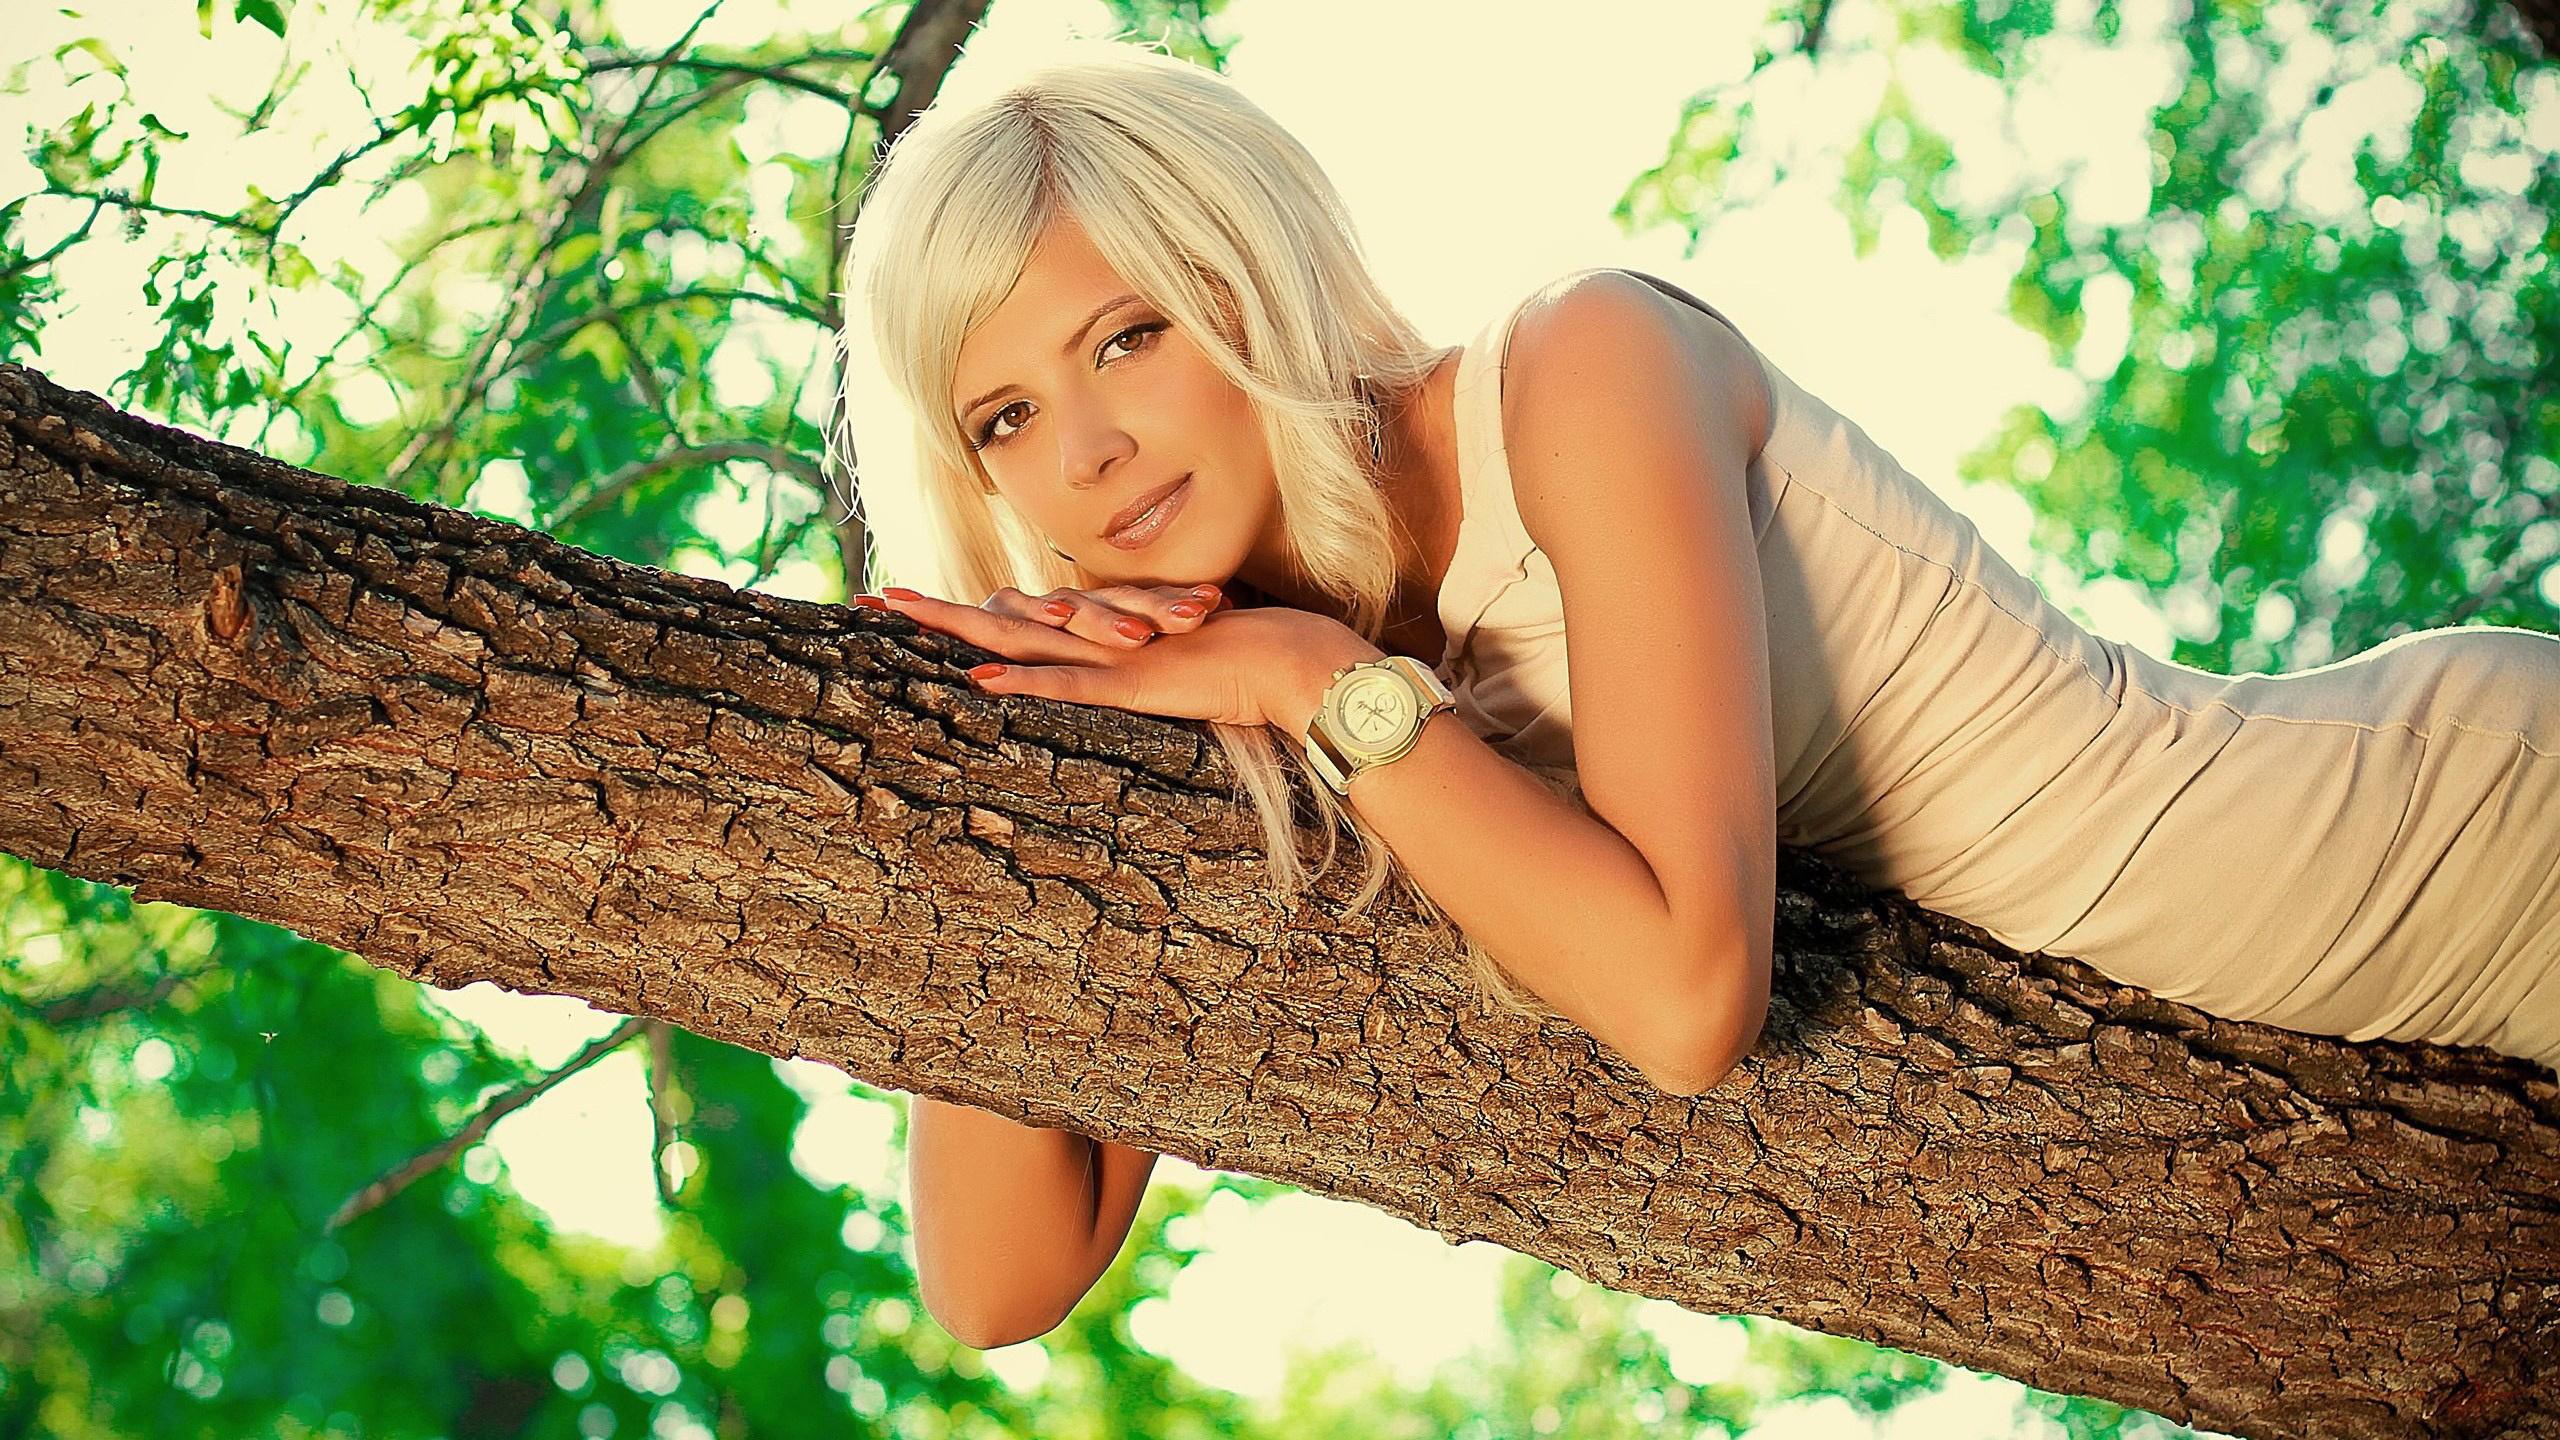 этот девушки около дерева синшане запрашивали это